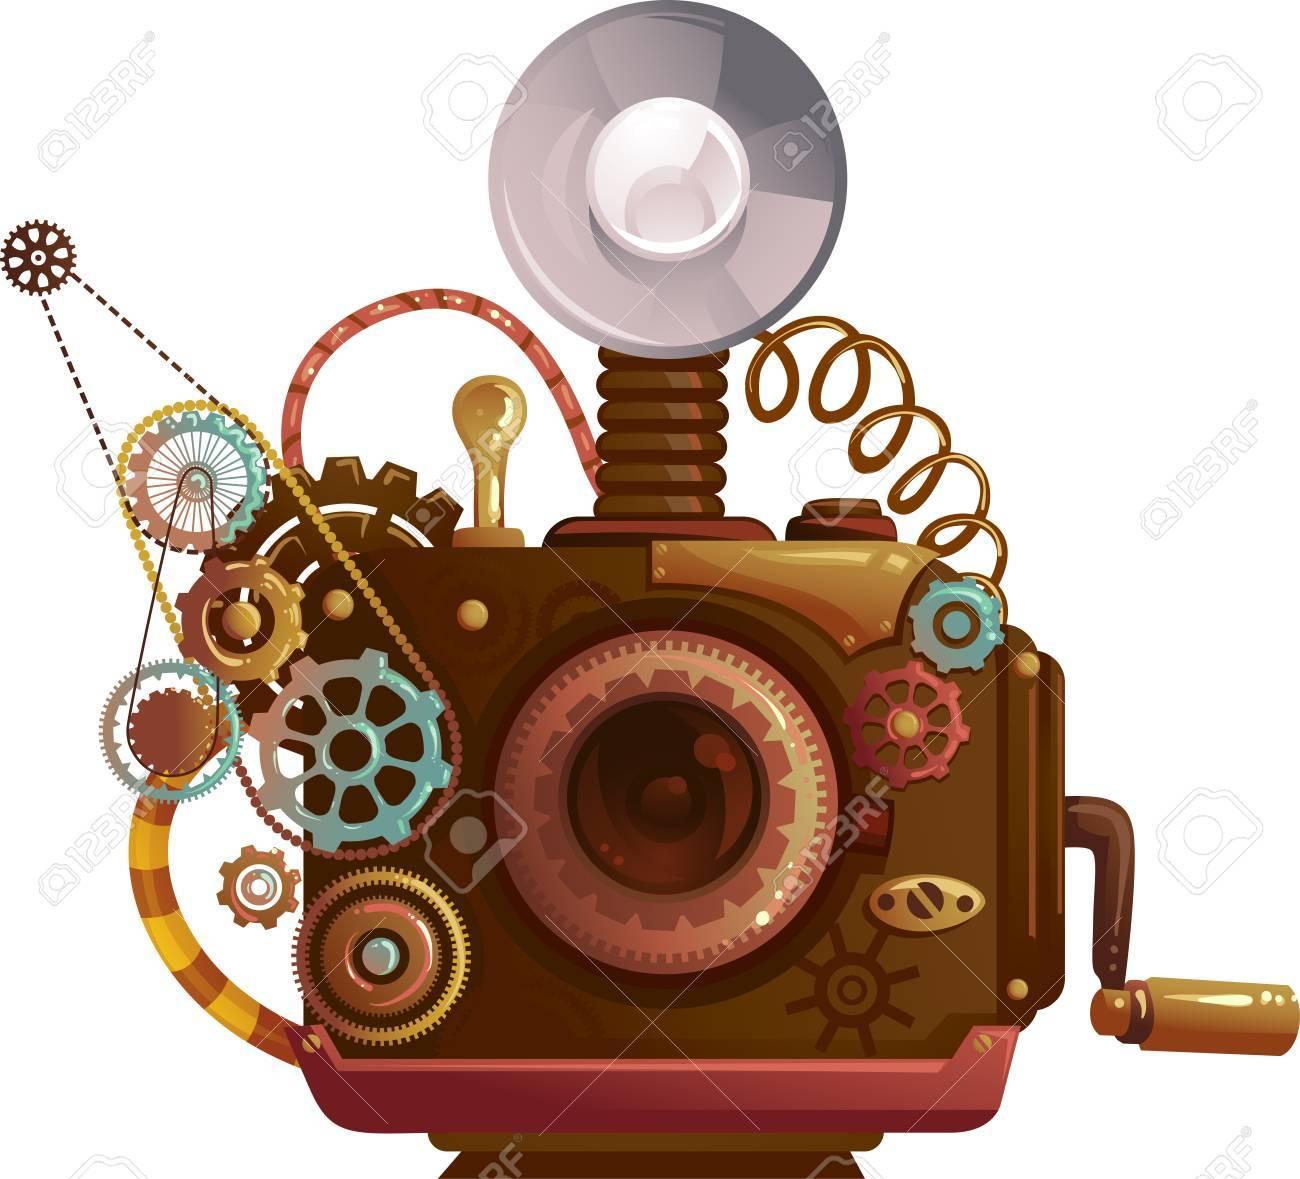 ビンテージ カメラの歯車と歯車設計のスチーム パンクなイラスト の写真